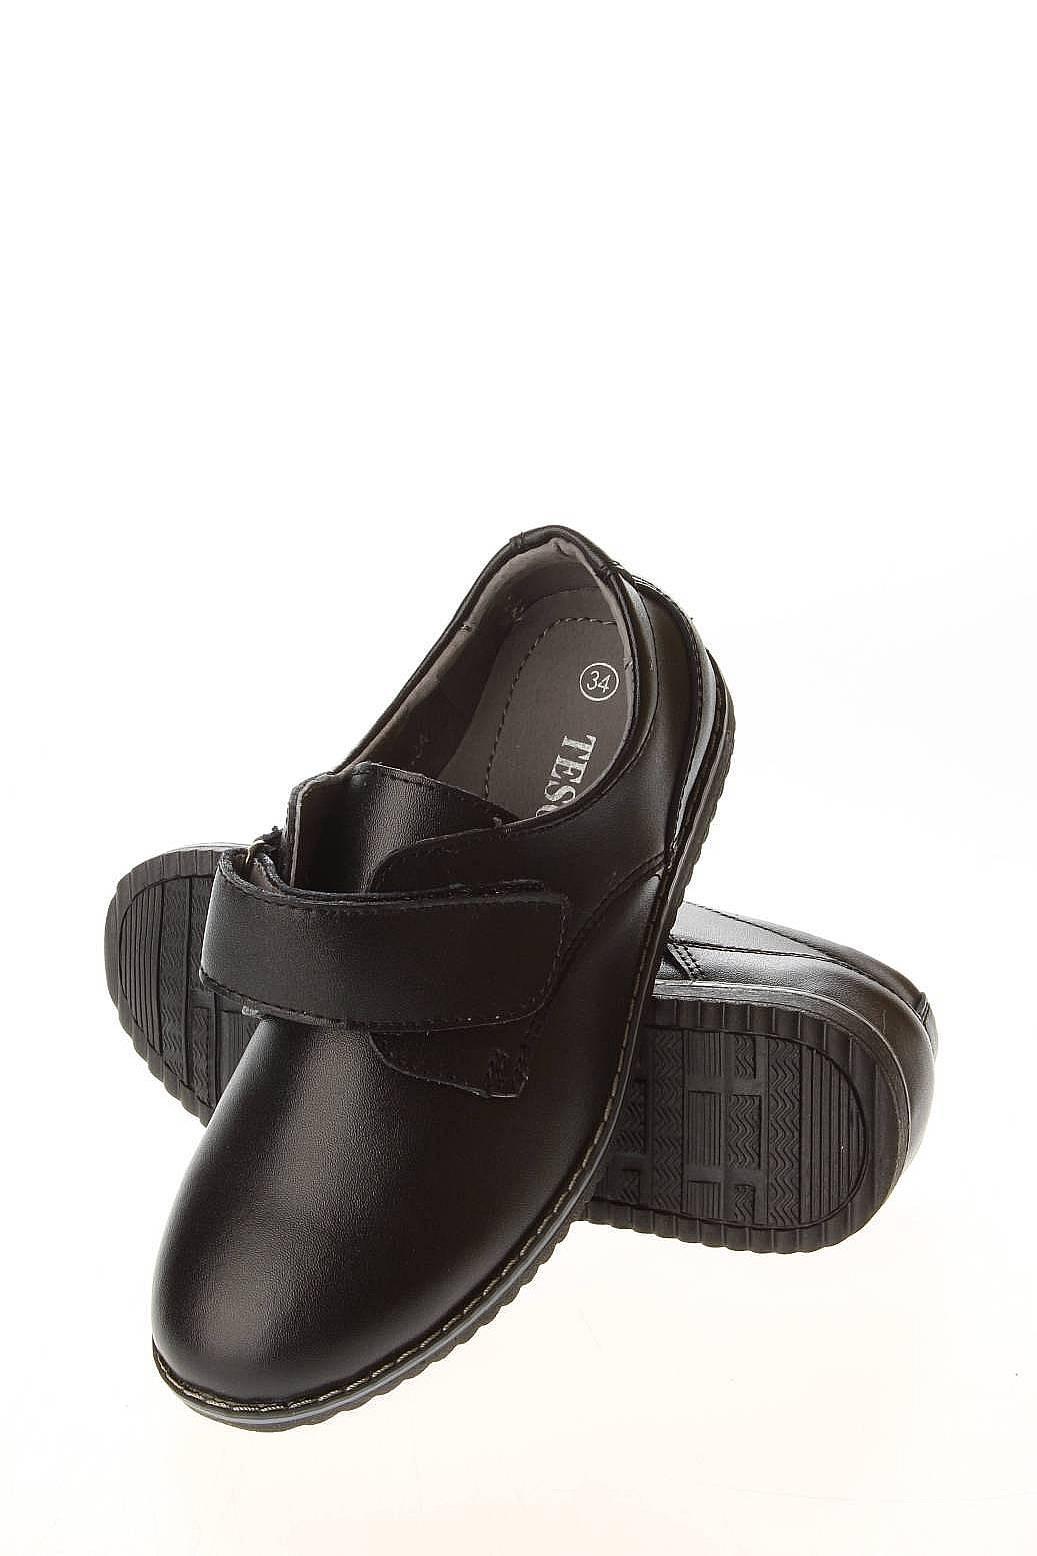 Мужская Обувь Детская Обувь Туфли: Tesoro Обувь